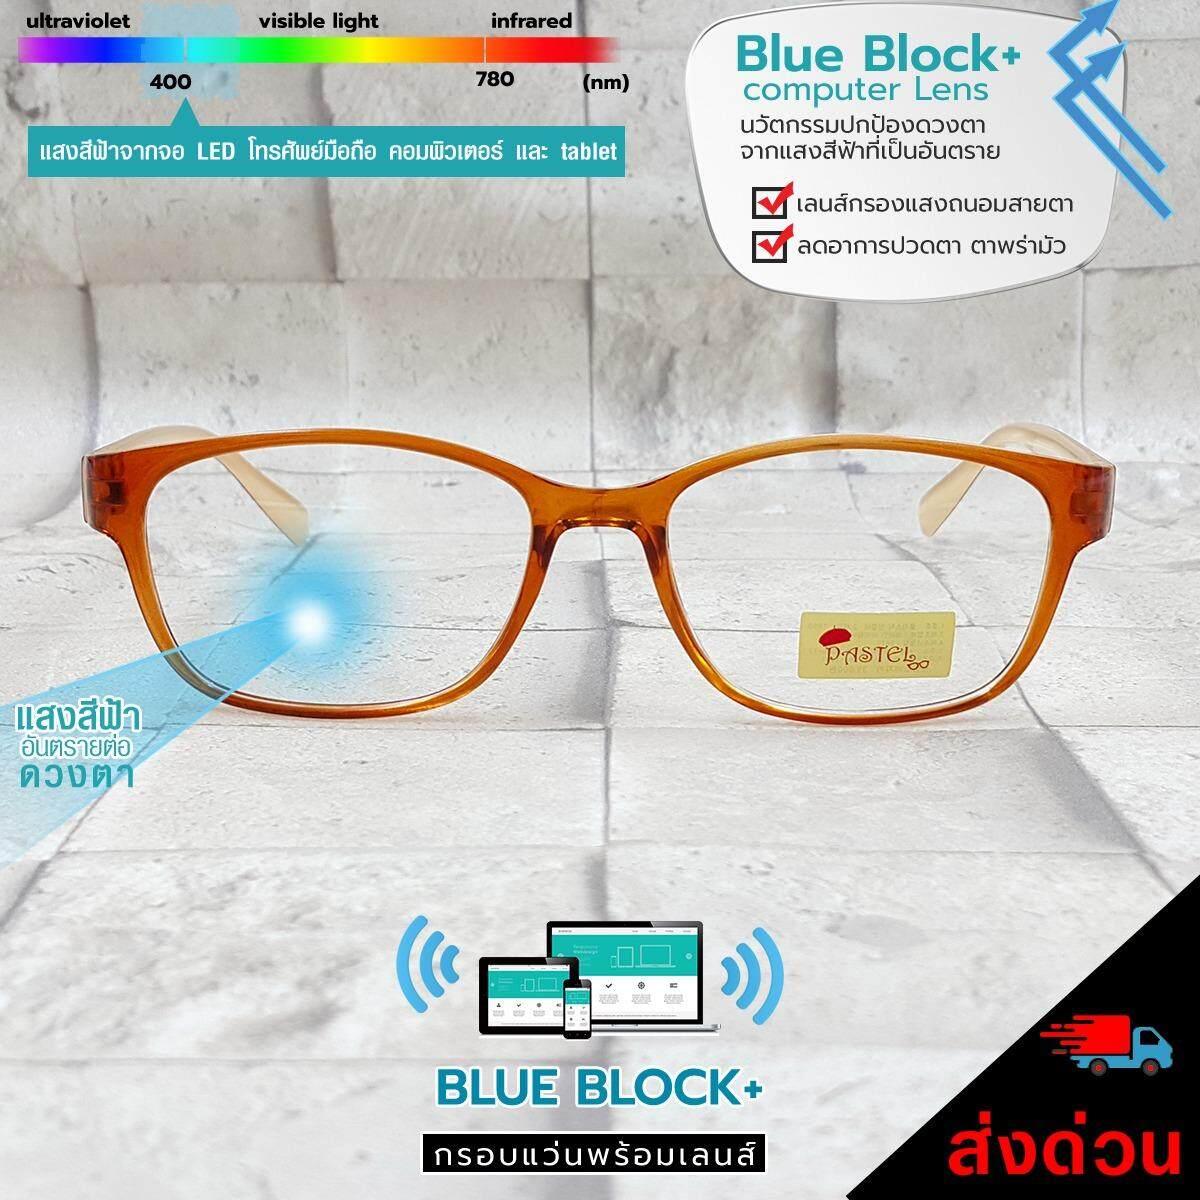 ราคา แว่นตากรองแสงบลู หน้าจอมือถือและคอมพิวเตอร์ ลดอาการแสบตา ยี่ห้อ Pastel รุ่น Blue Tt103 ด้วยเทคโนโลยีใหม่ล่าสุด Nano Blue Light Block Plus รู้สึกสบายตาทันที ตั้งแต่ใส่ครั้งแรก เป็นต้นฉบับ Pastel